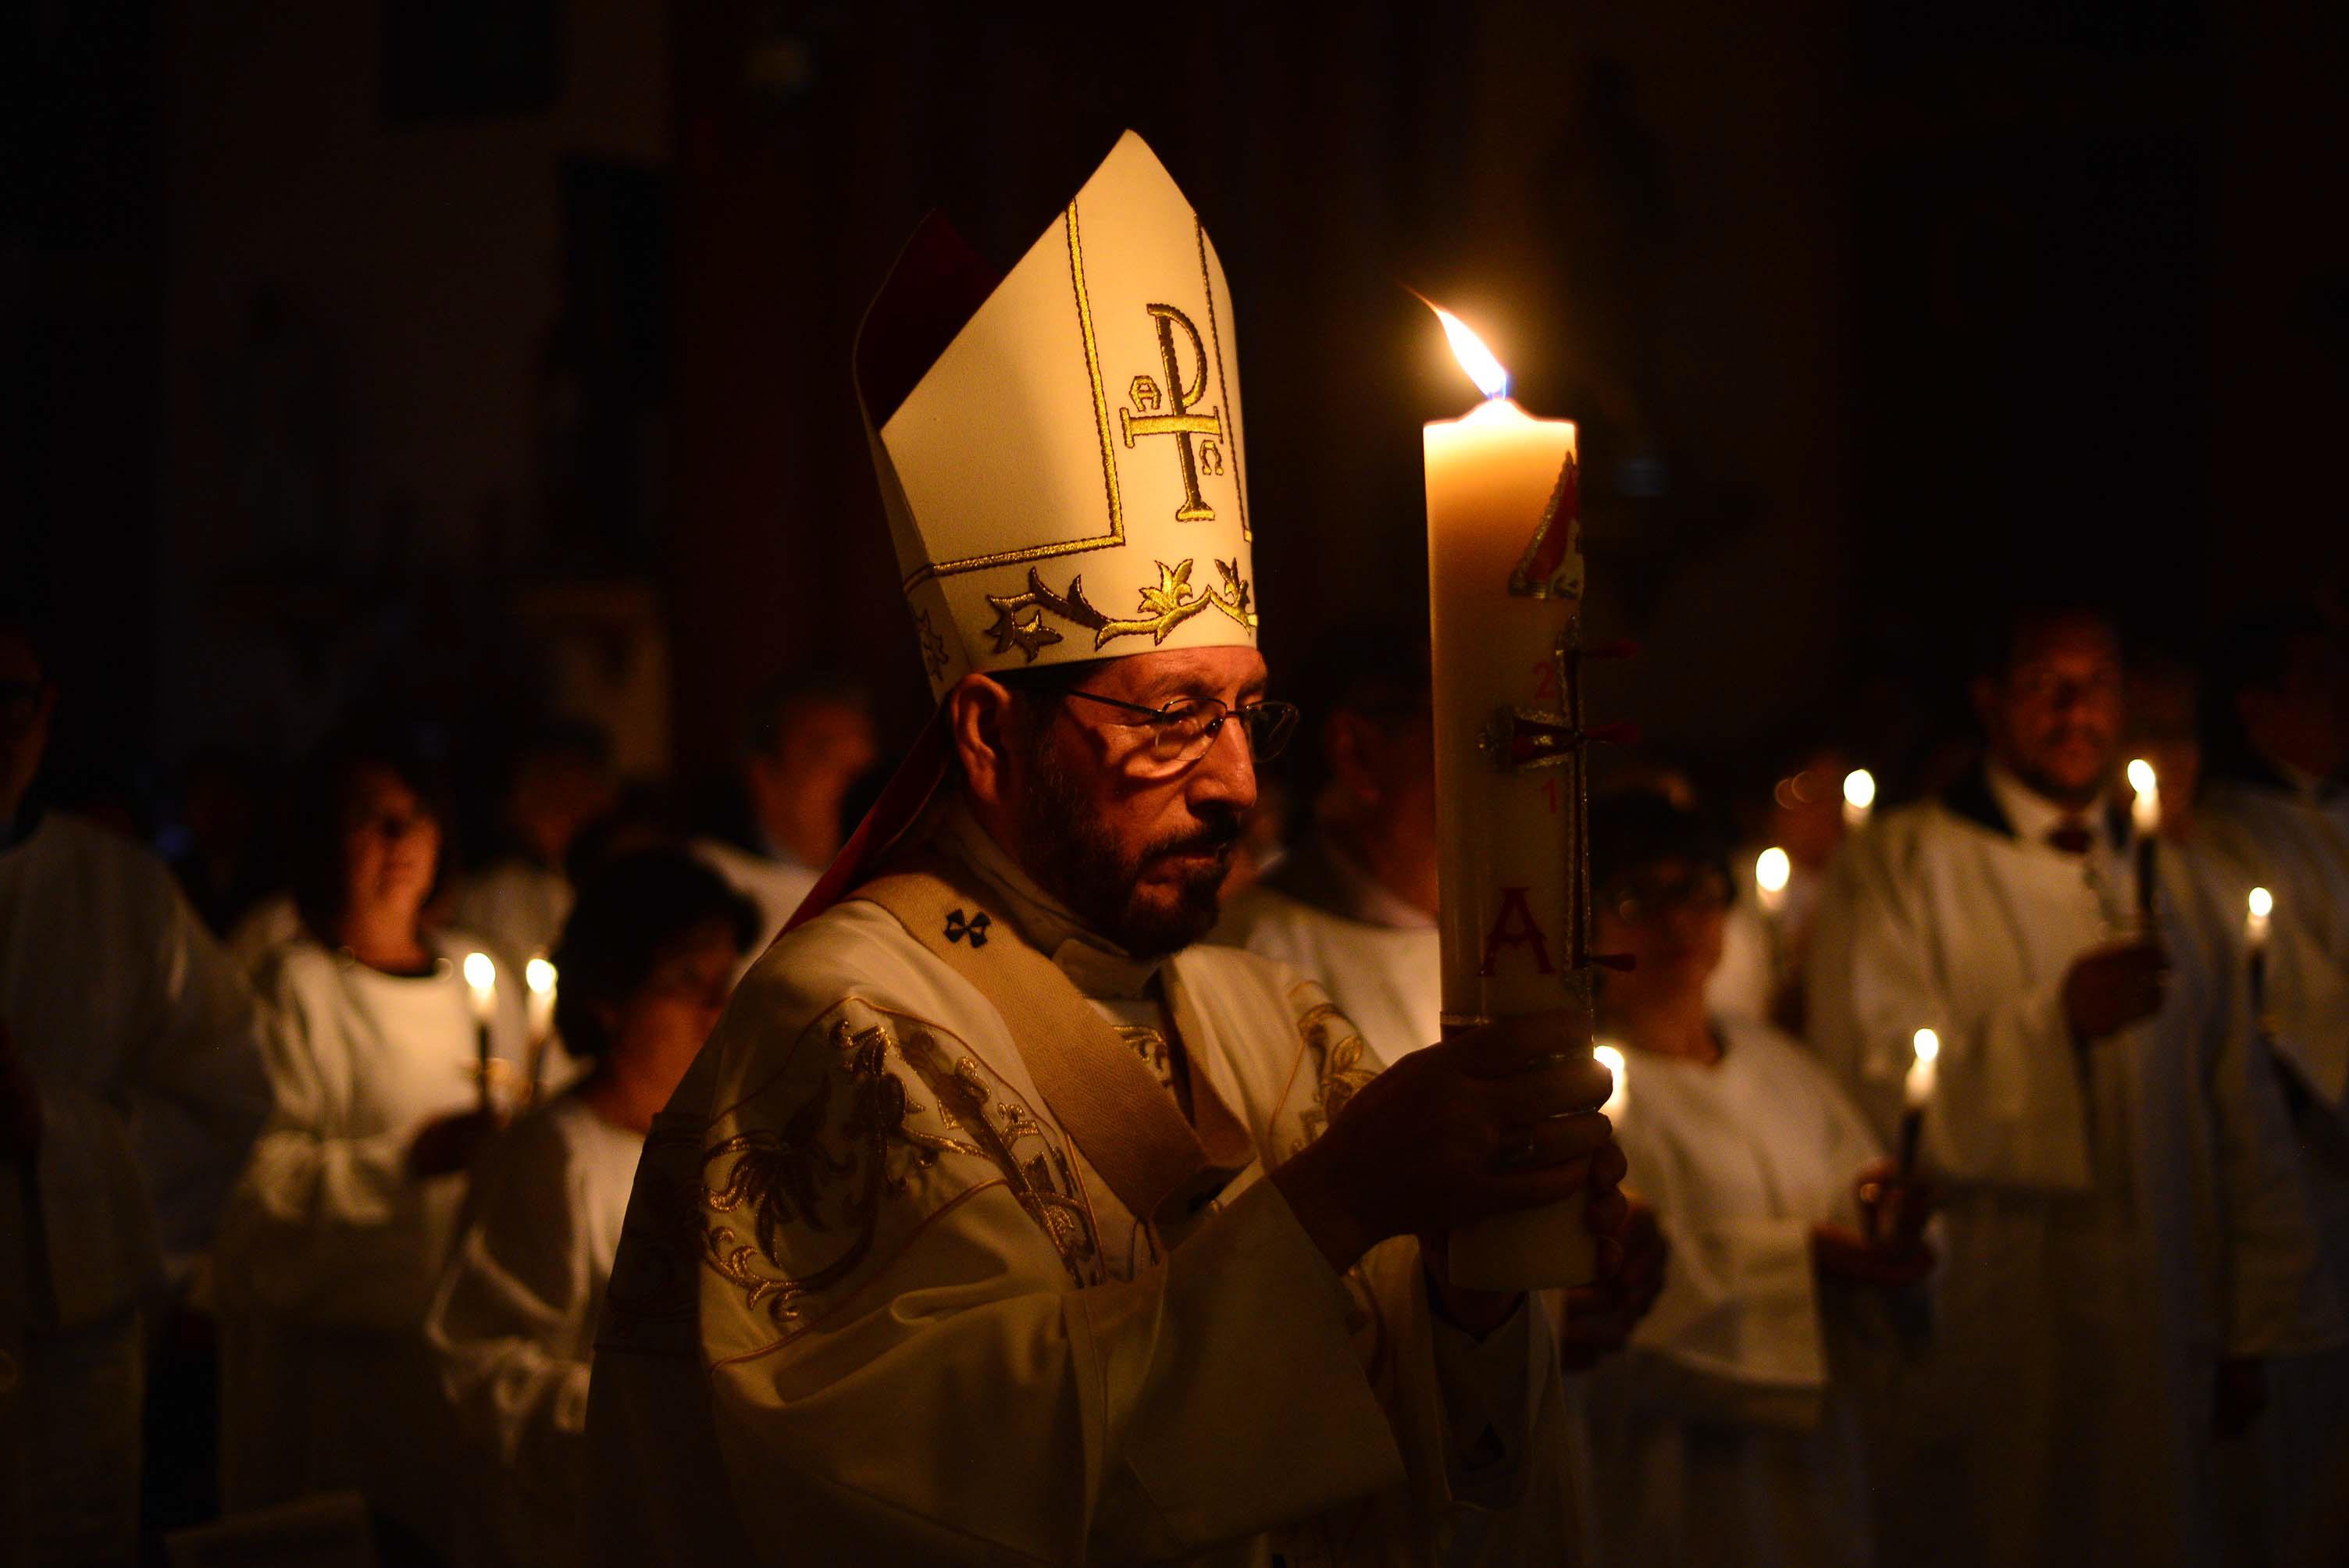 XALAPA, VERACRUZ, 01ABRIL2018.- El ArzobispoHipólito Reyes Larios presidió la celebracion del fuego nuevo y la vigilia pascual en la Catedral ante decenas de fieles.